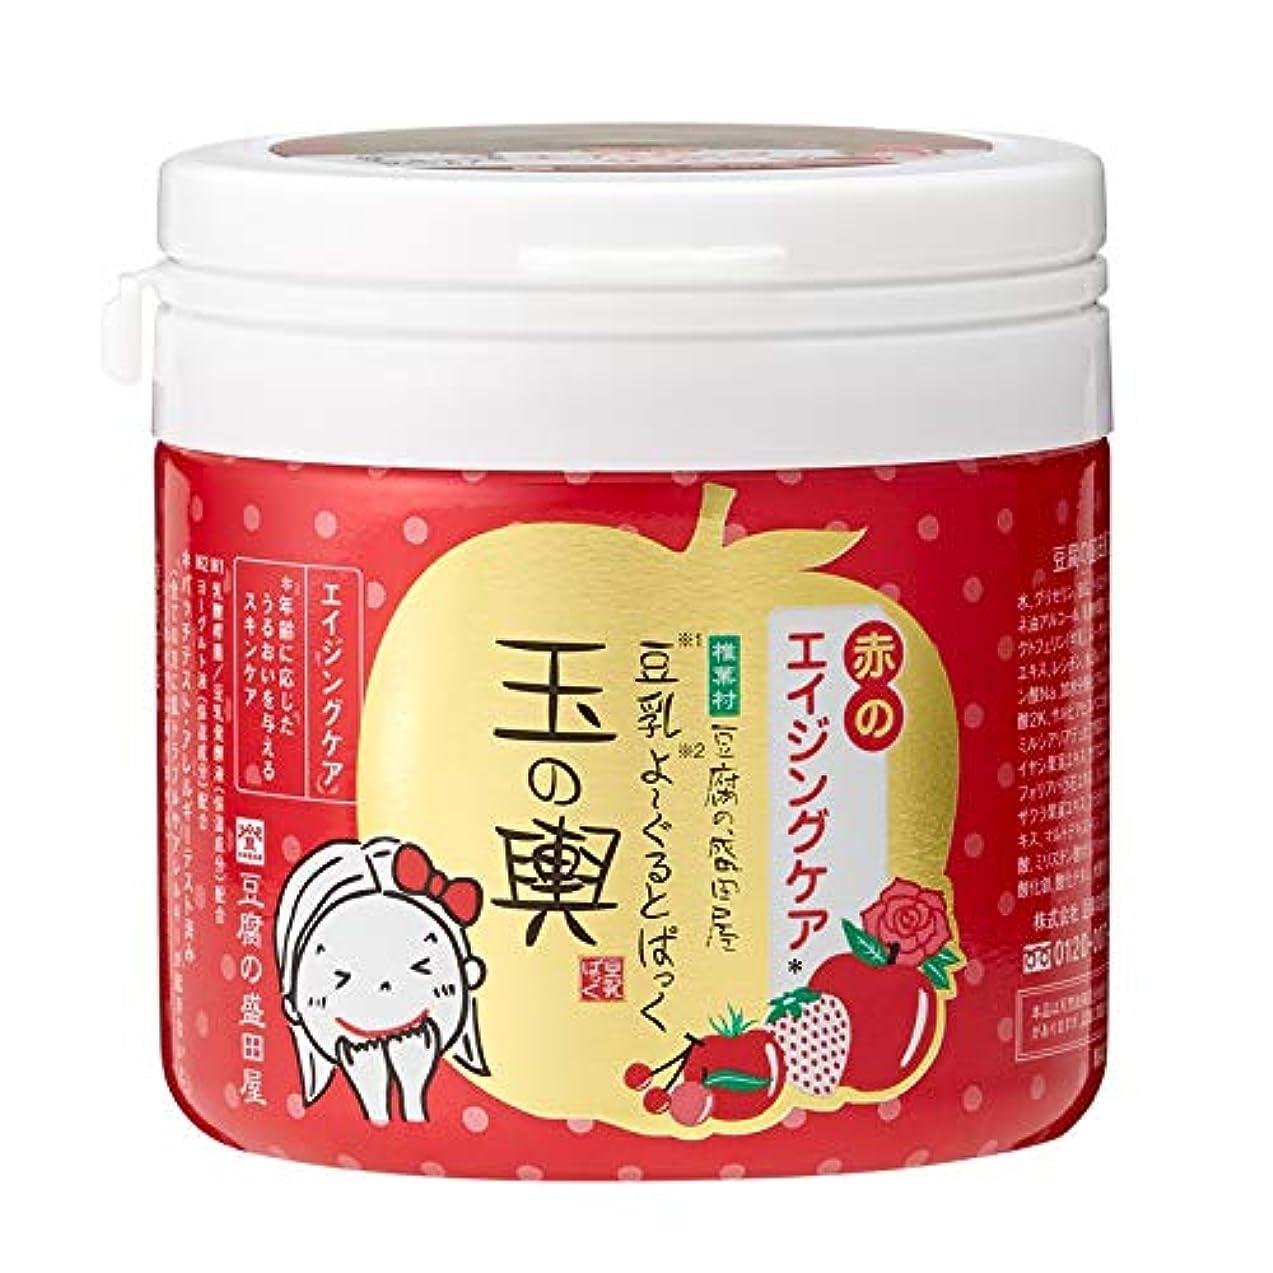 気になる絵古い豆腐の盛田屋 豆乳よーぐるとぱっく 玉の輿 赤のエイジングケア 150g